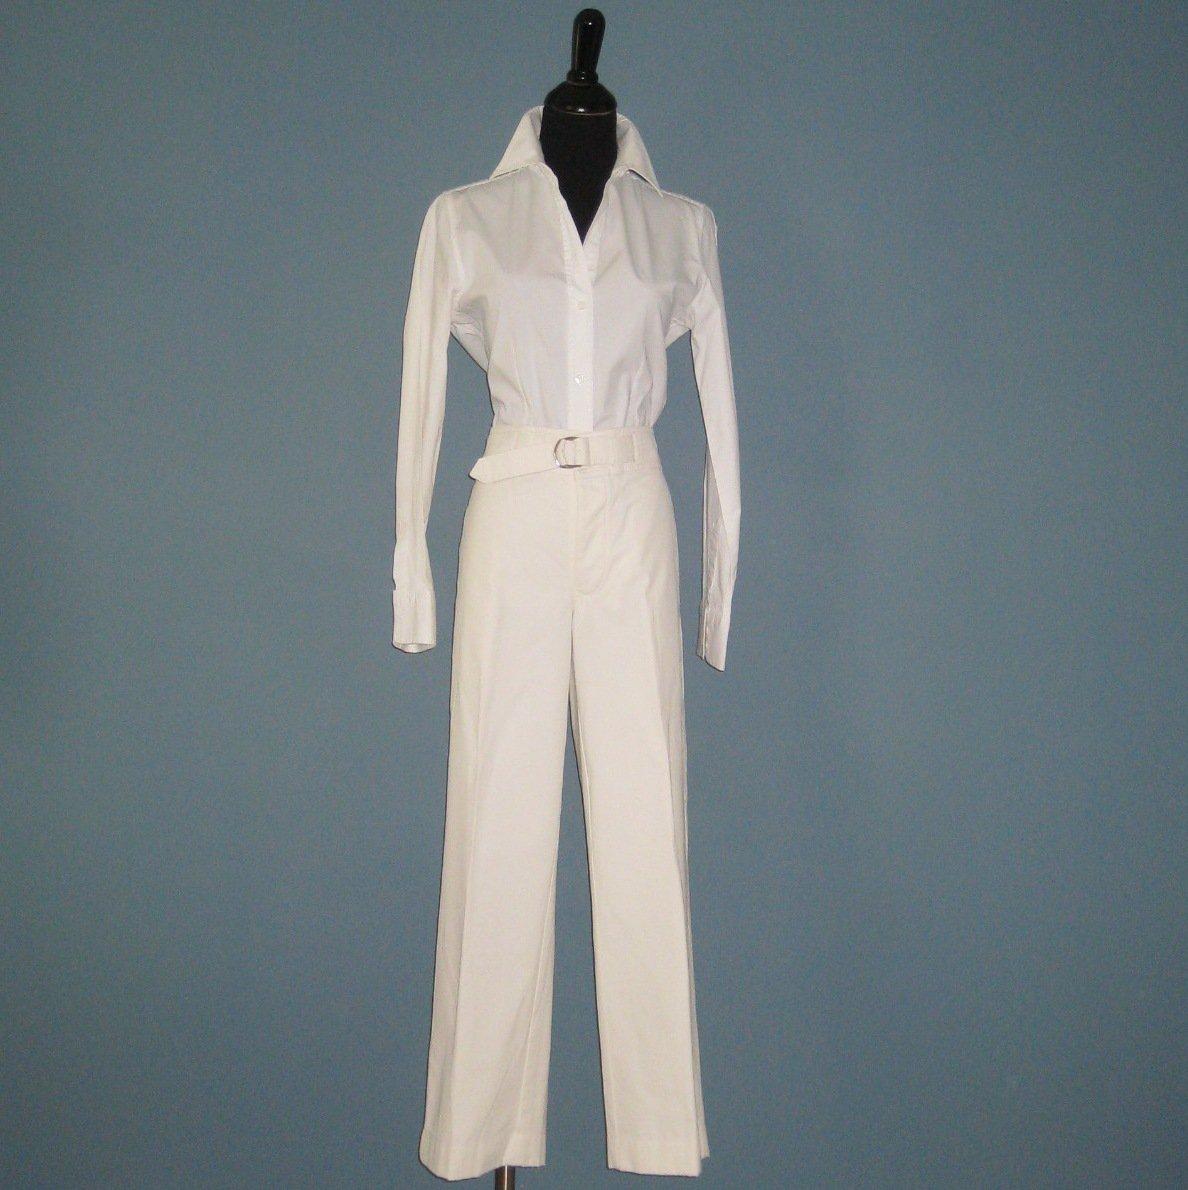 NWT Ralph Lauren Blue Label Cream 100% Cotton Capri Pants - 10